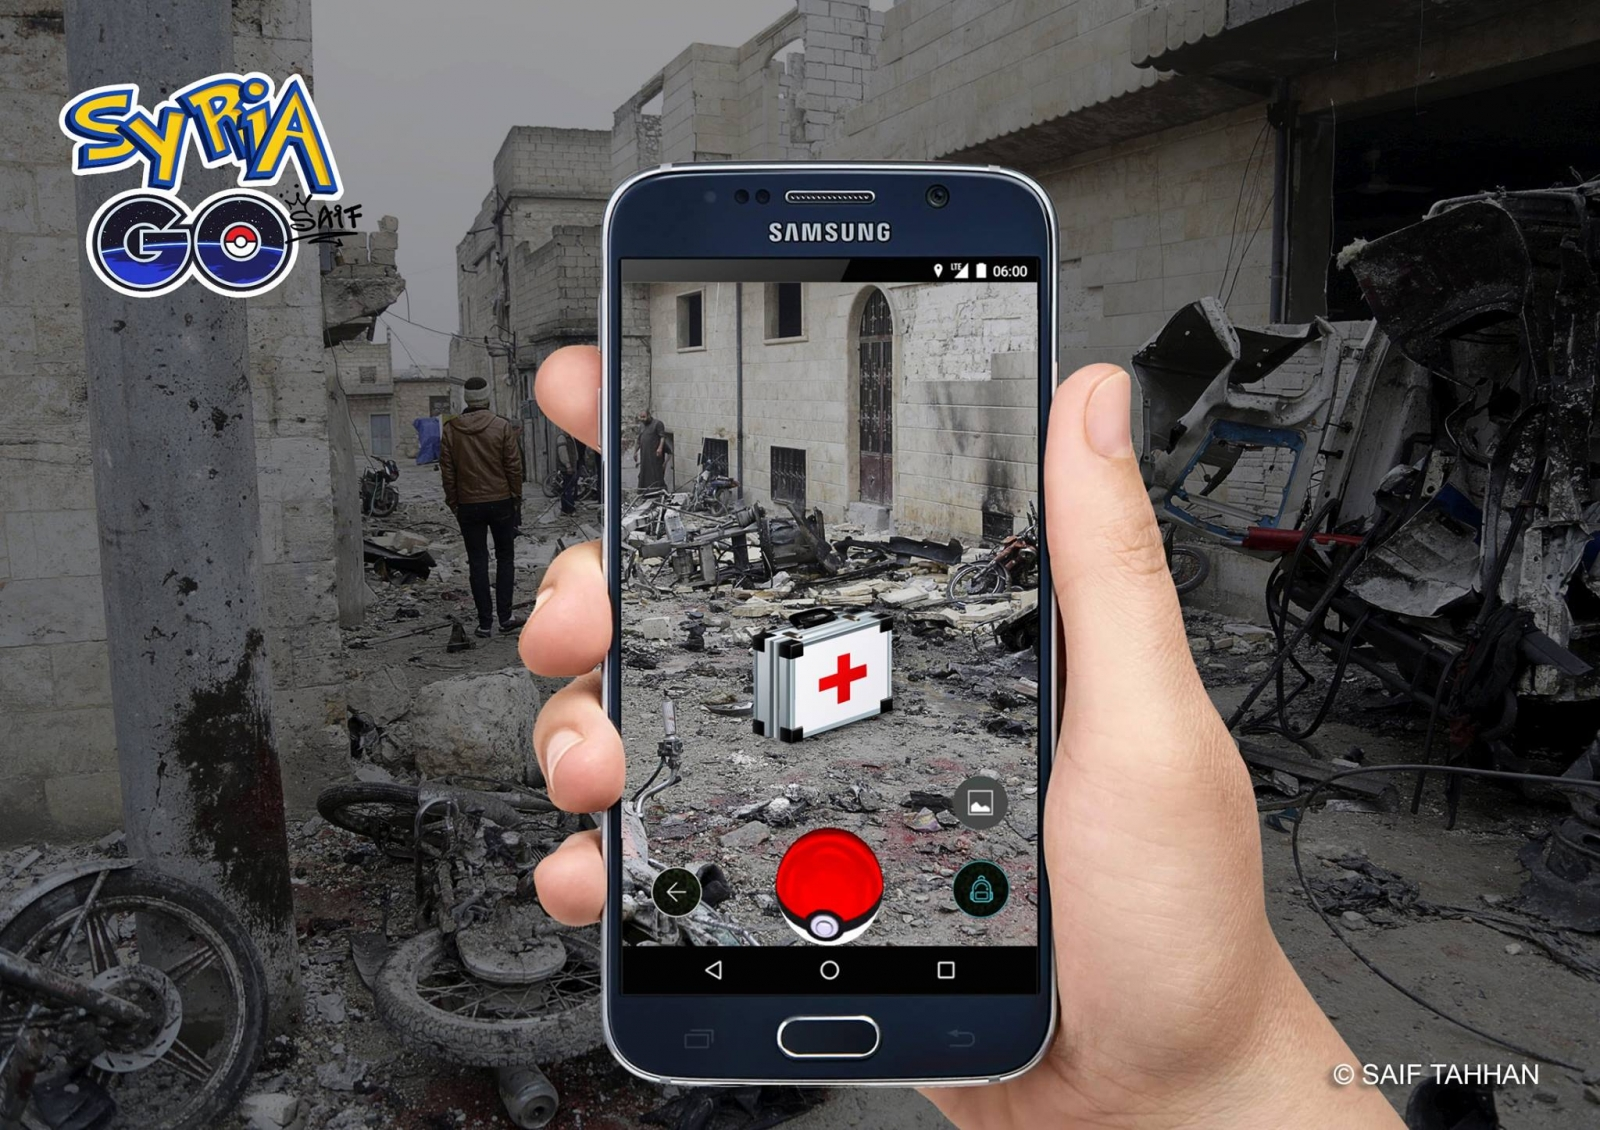 A medical kit on Syria Go